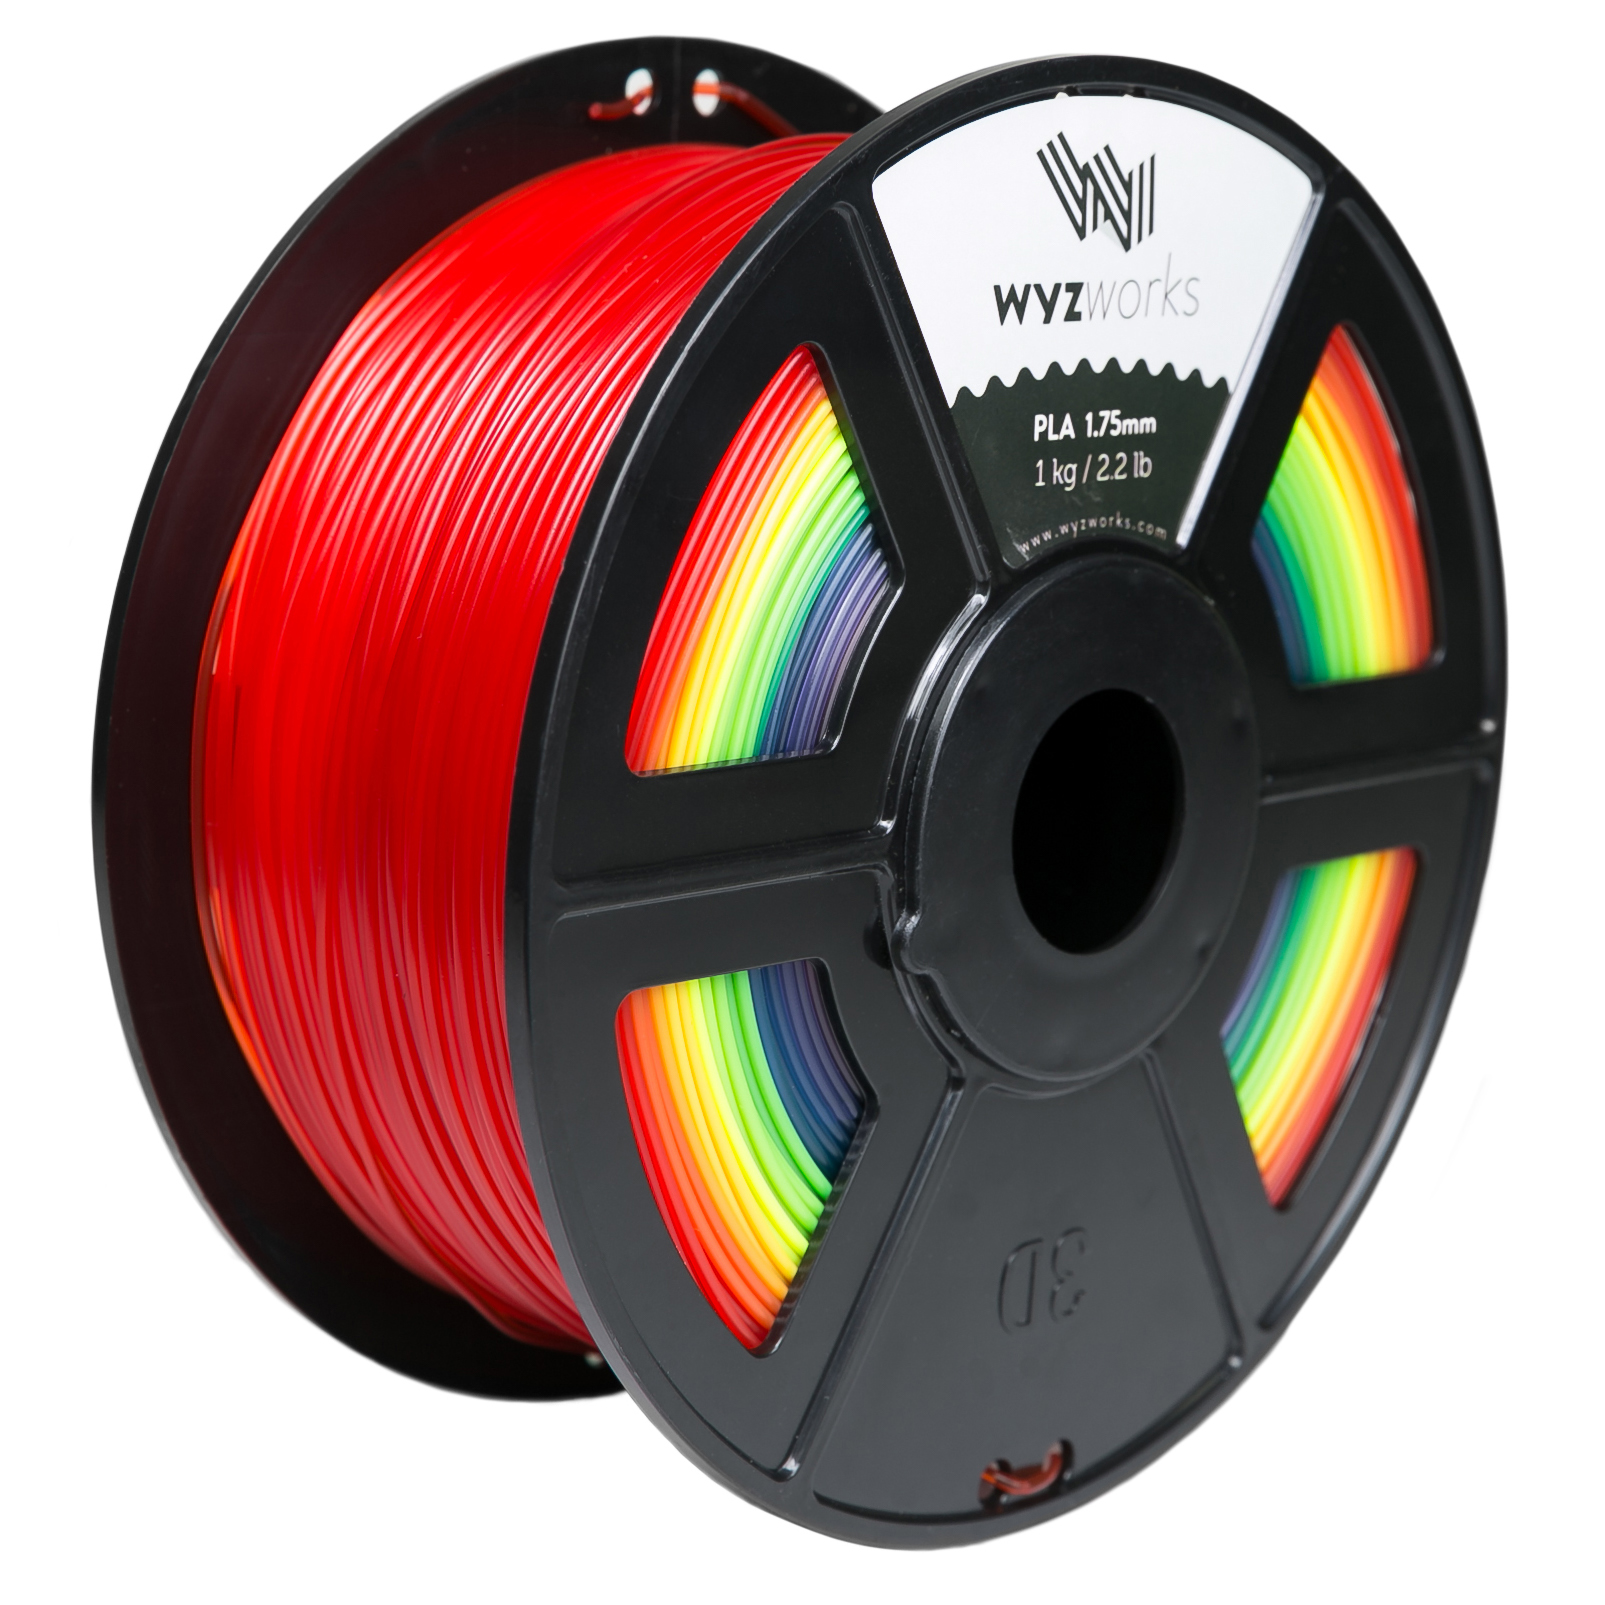 PLA 3D Printer Filament 1.75mm